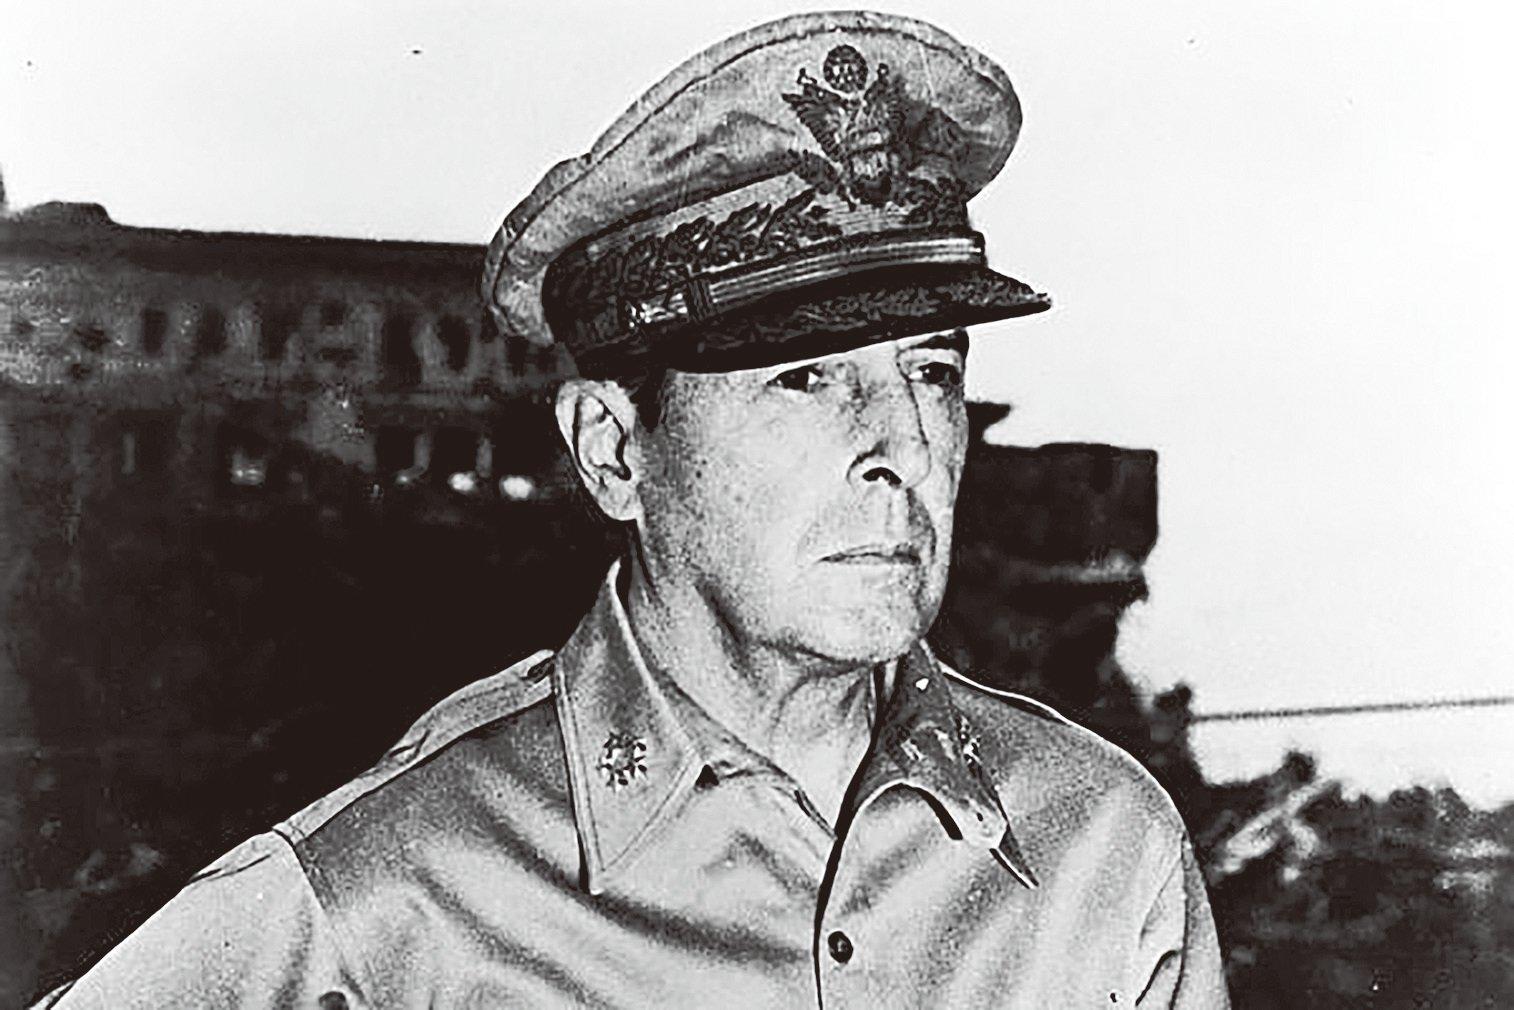 道格拉斯麥克阿瑟將軍1945年留影。(Library of Congress)